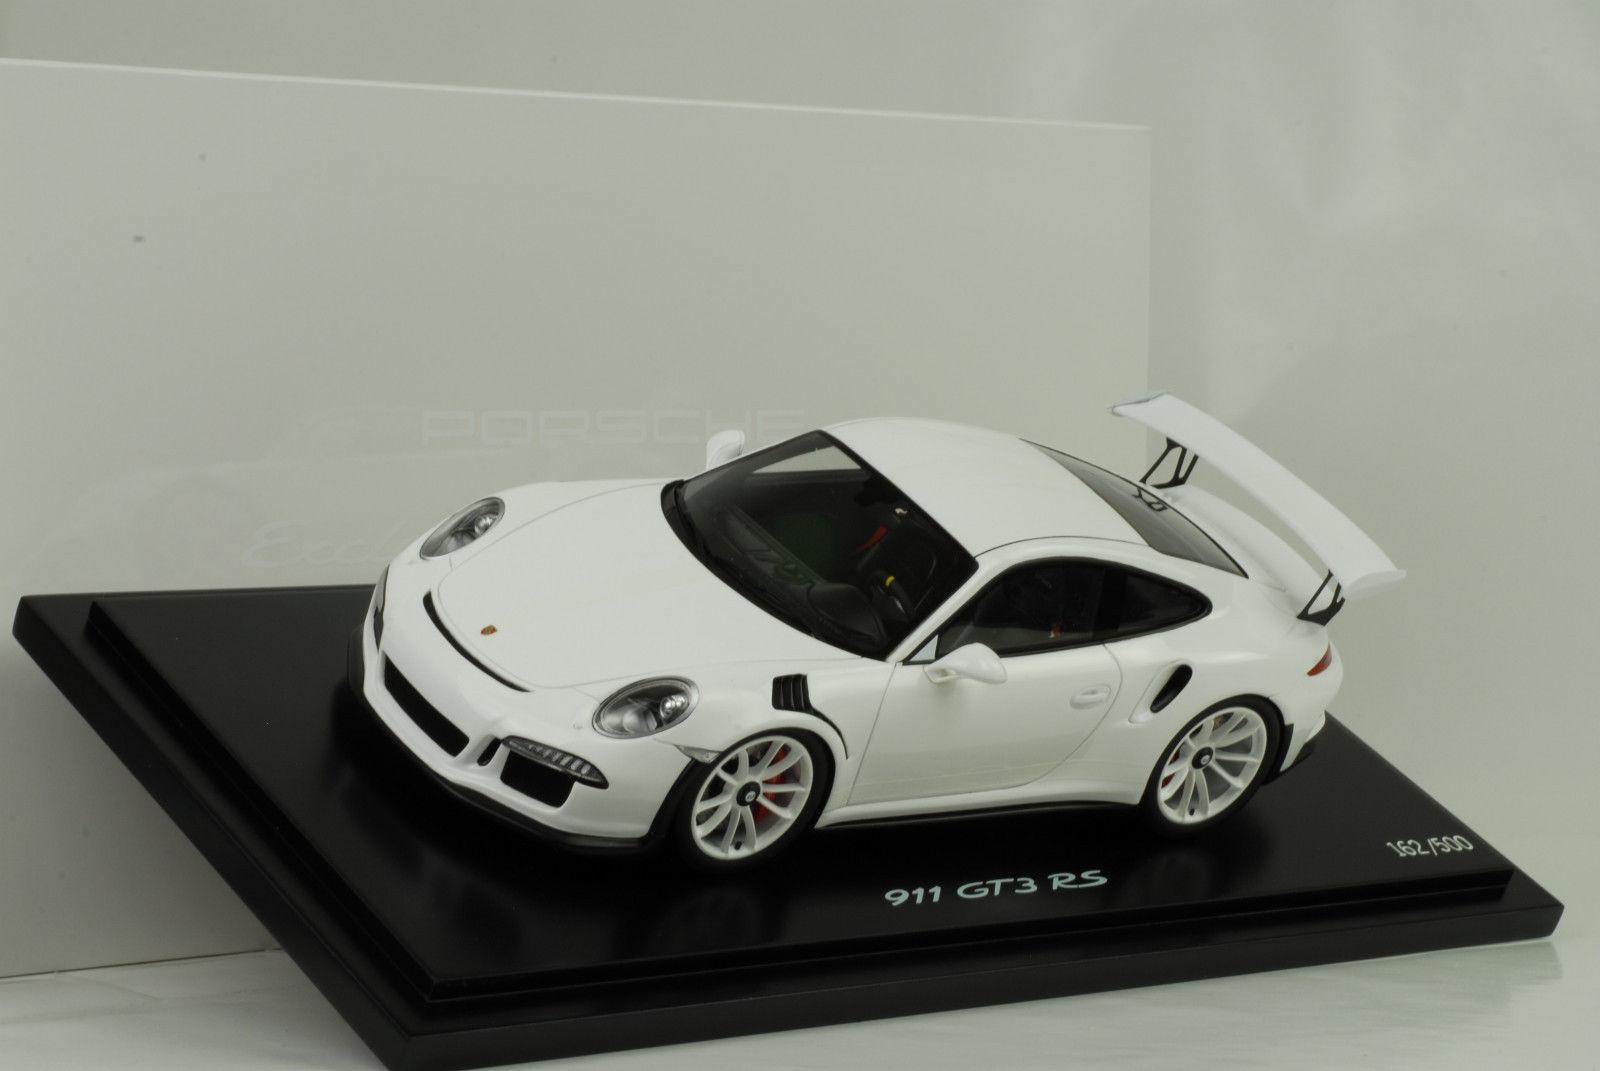 ディーラーモデル 1:18 2015年モデル ポルシェ 991 911 GT3 RS ホワイト アクリルケース付きPorsche 911 (991) GT3 RS Year 2015 white with showcase 1:18 Porsche AG